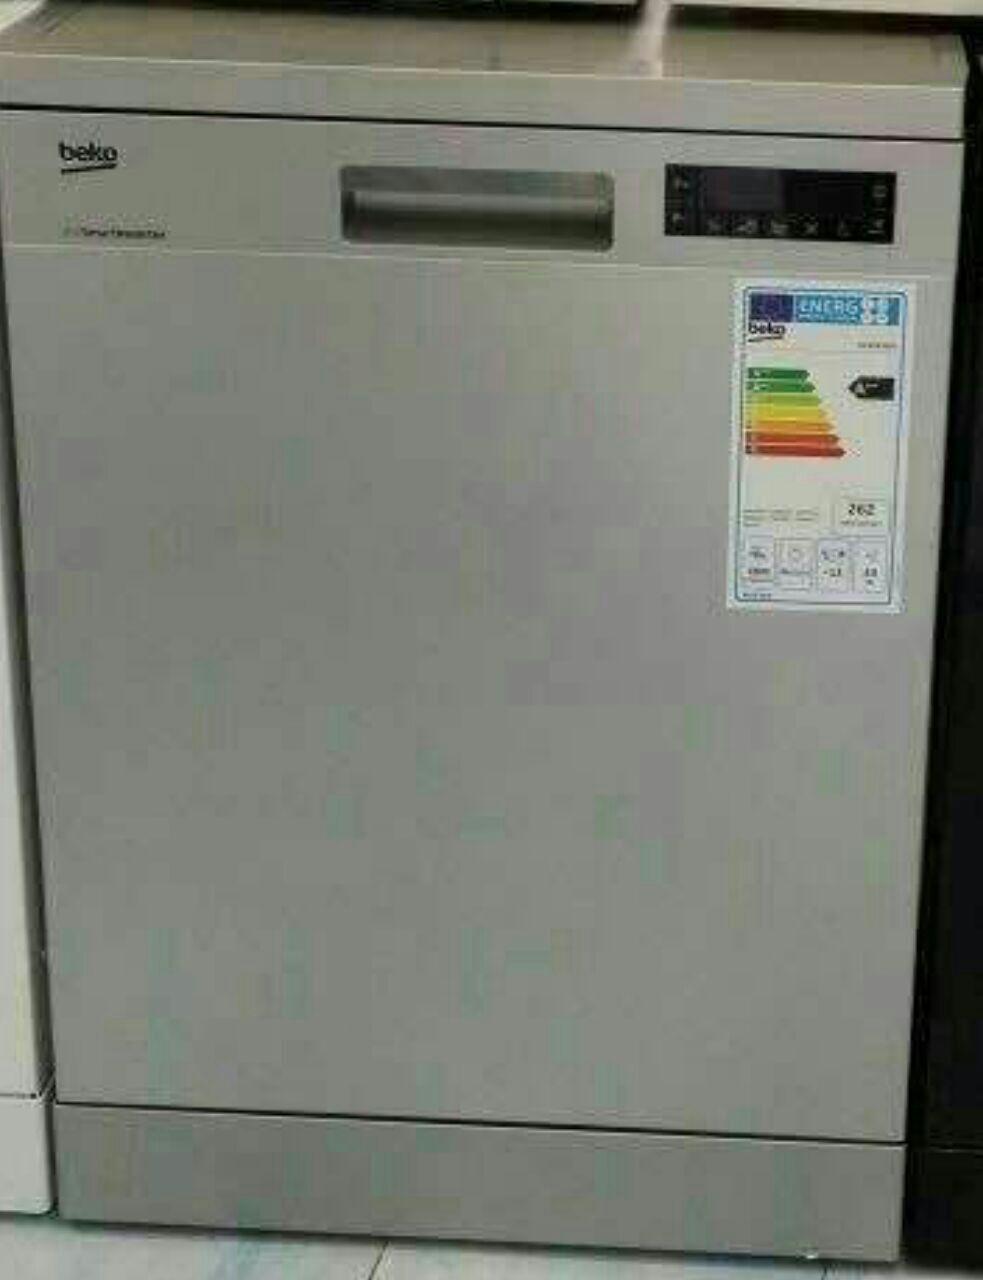 ماشین ظرفشویی بکو beko ظرفیت 13 نفره با 9 برنامه شستشو نمایشگر دیجیتال